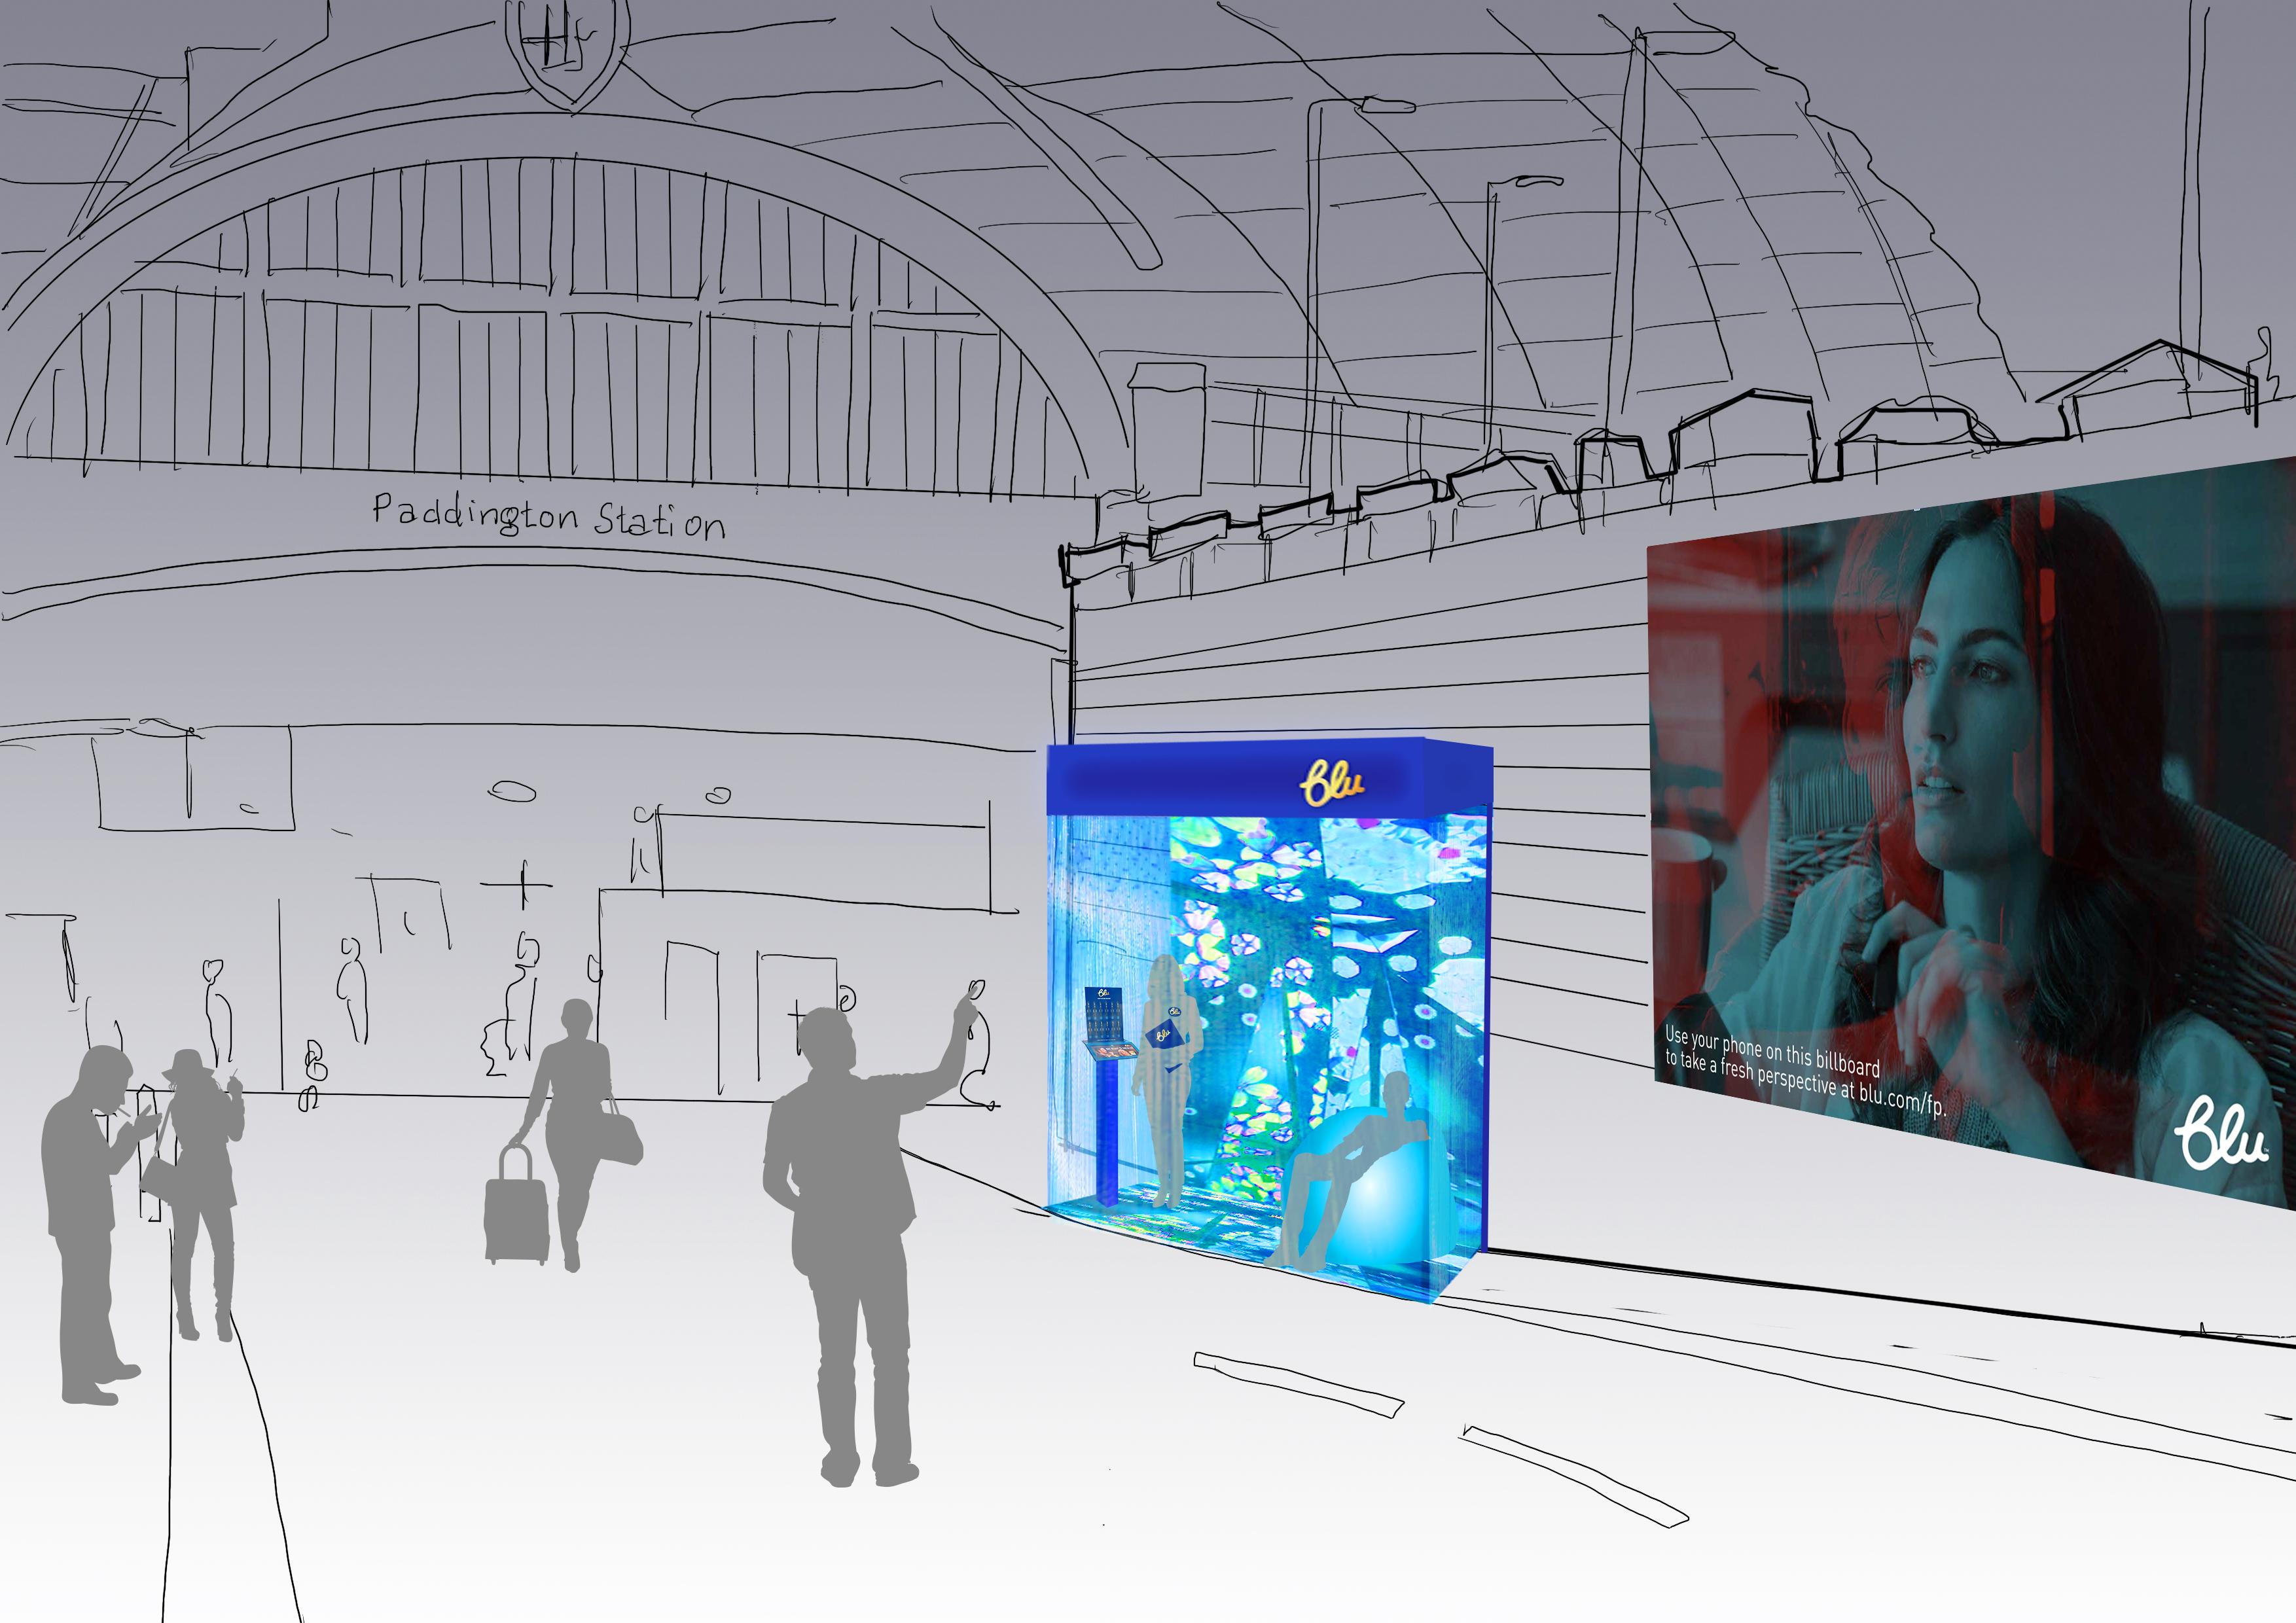 blu_Vape Pod_Paddington Station